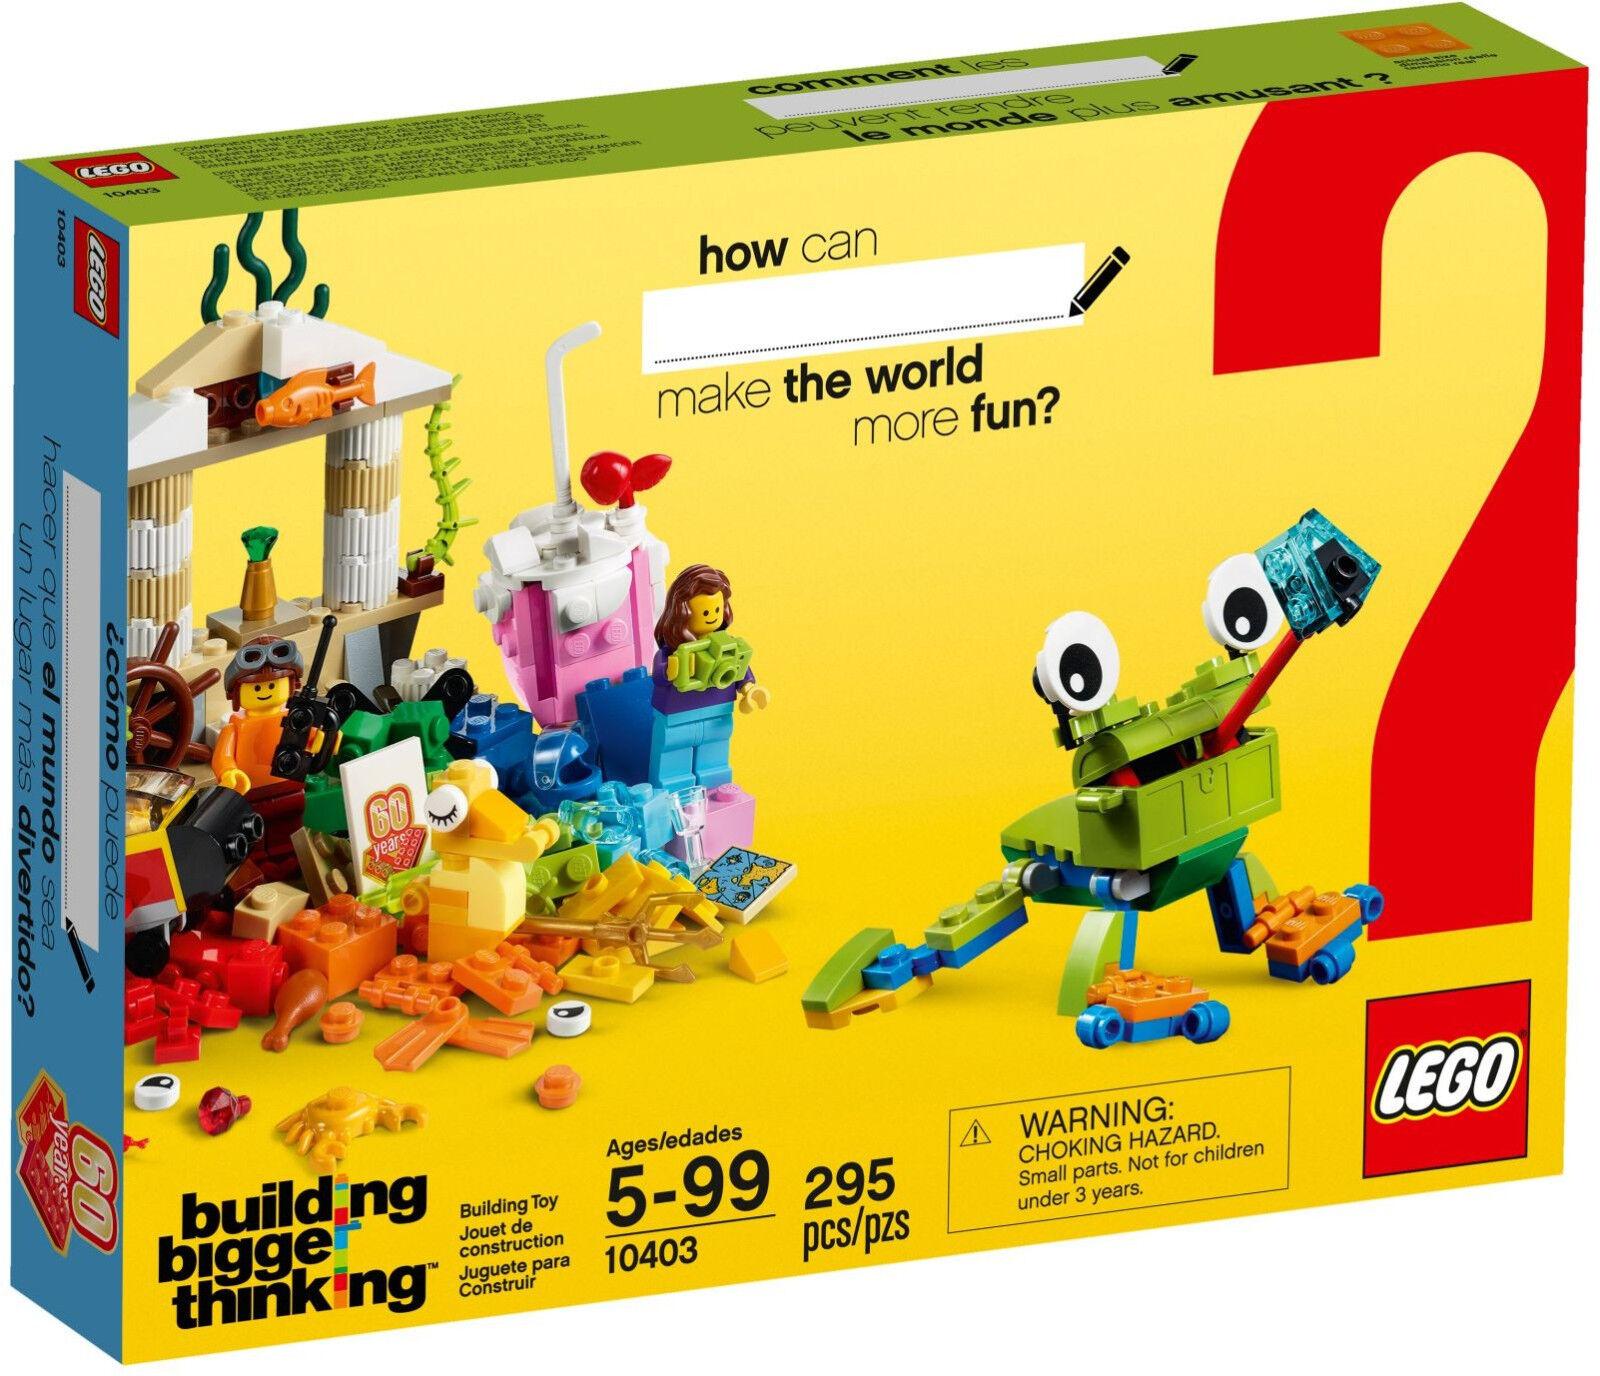 LEGO Classic  - 10403 Spaß in der Welt   Classic World Fun - Neu & OVP a20196